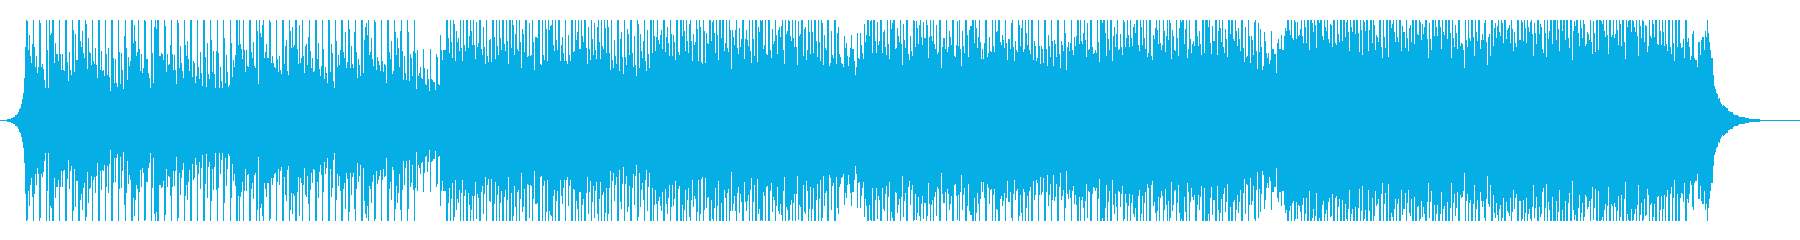 成功の国歌の再生済みの波形